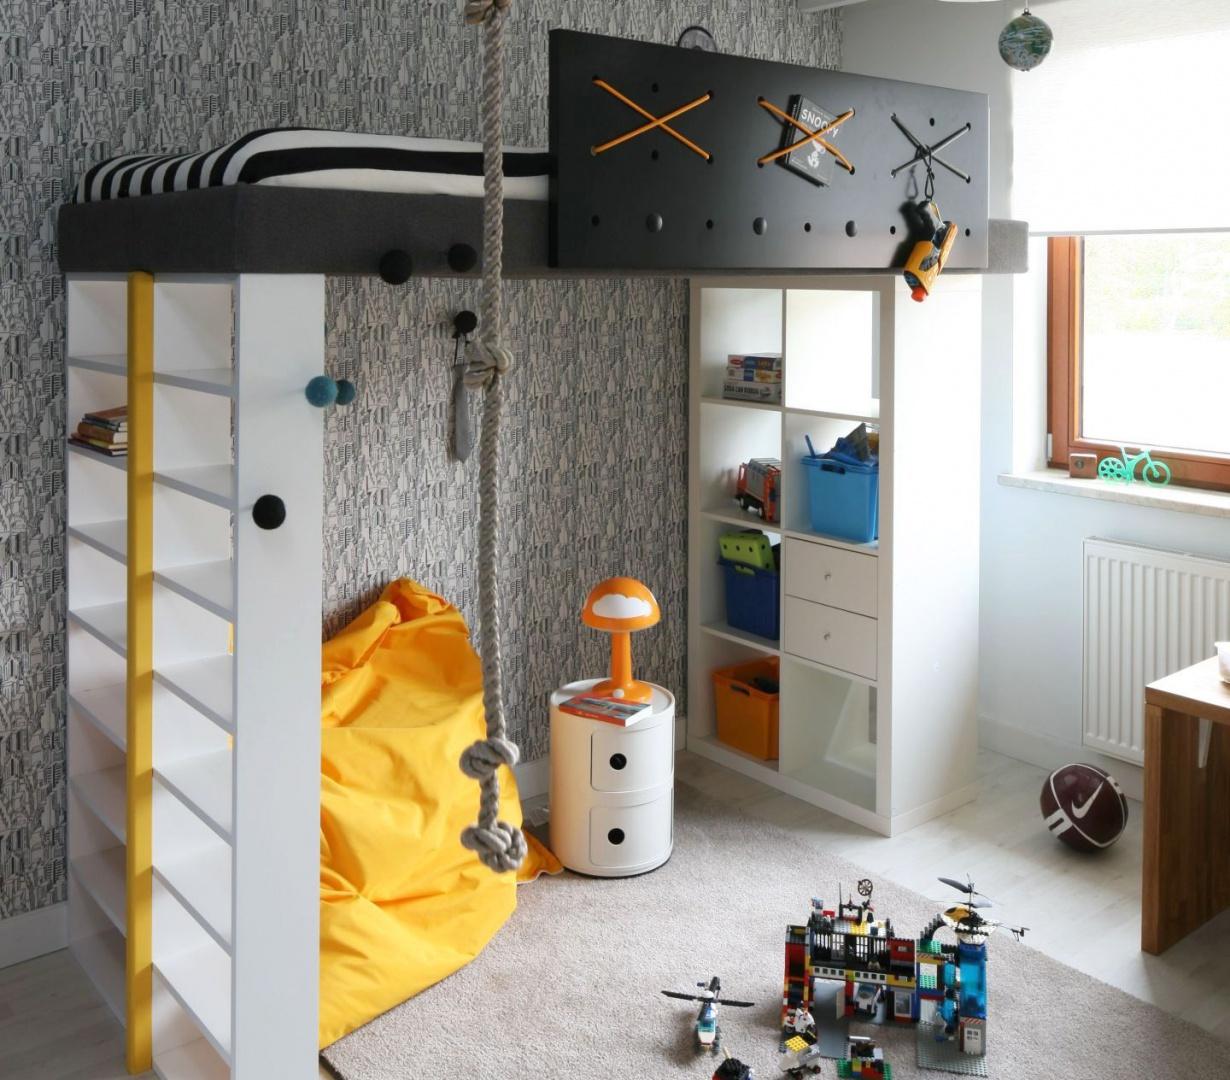 Chociaż wygląd łóżka przypomina piracki statek, służy nie tylko do snu i zabawy, lecz także sprytnie organizuje przestrzeń malucha. Wszystko za sprawą praktycznych półek, które są stałym miejscem stacjonowania czołgów, samolotów czy innych zabawek. Podłogę w tej części pokoju (również pod łóżkiem) wykończono miękką wykładziną, tworząc bezpieczną przestrzeń do zabawy. Projekt: Katarzyna i Michał Dudko. Fot. Bartosz Jarosz.